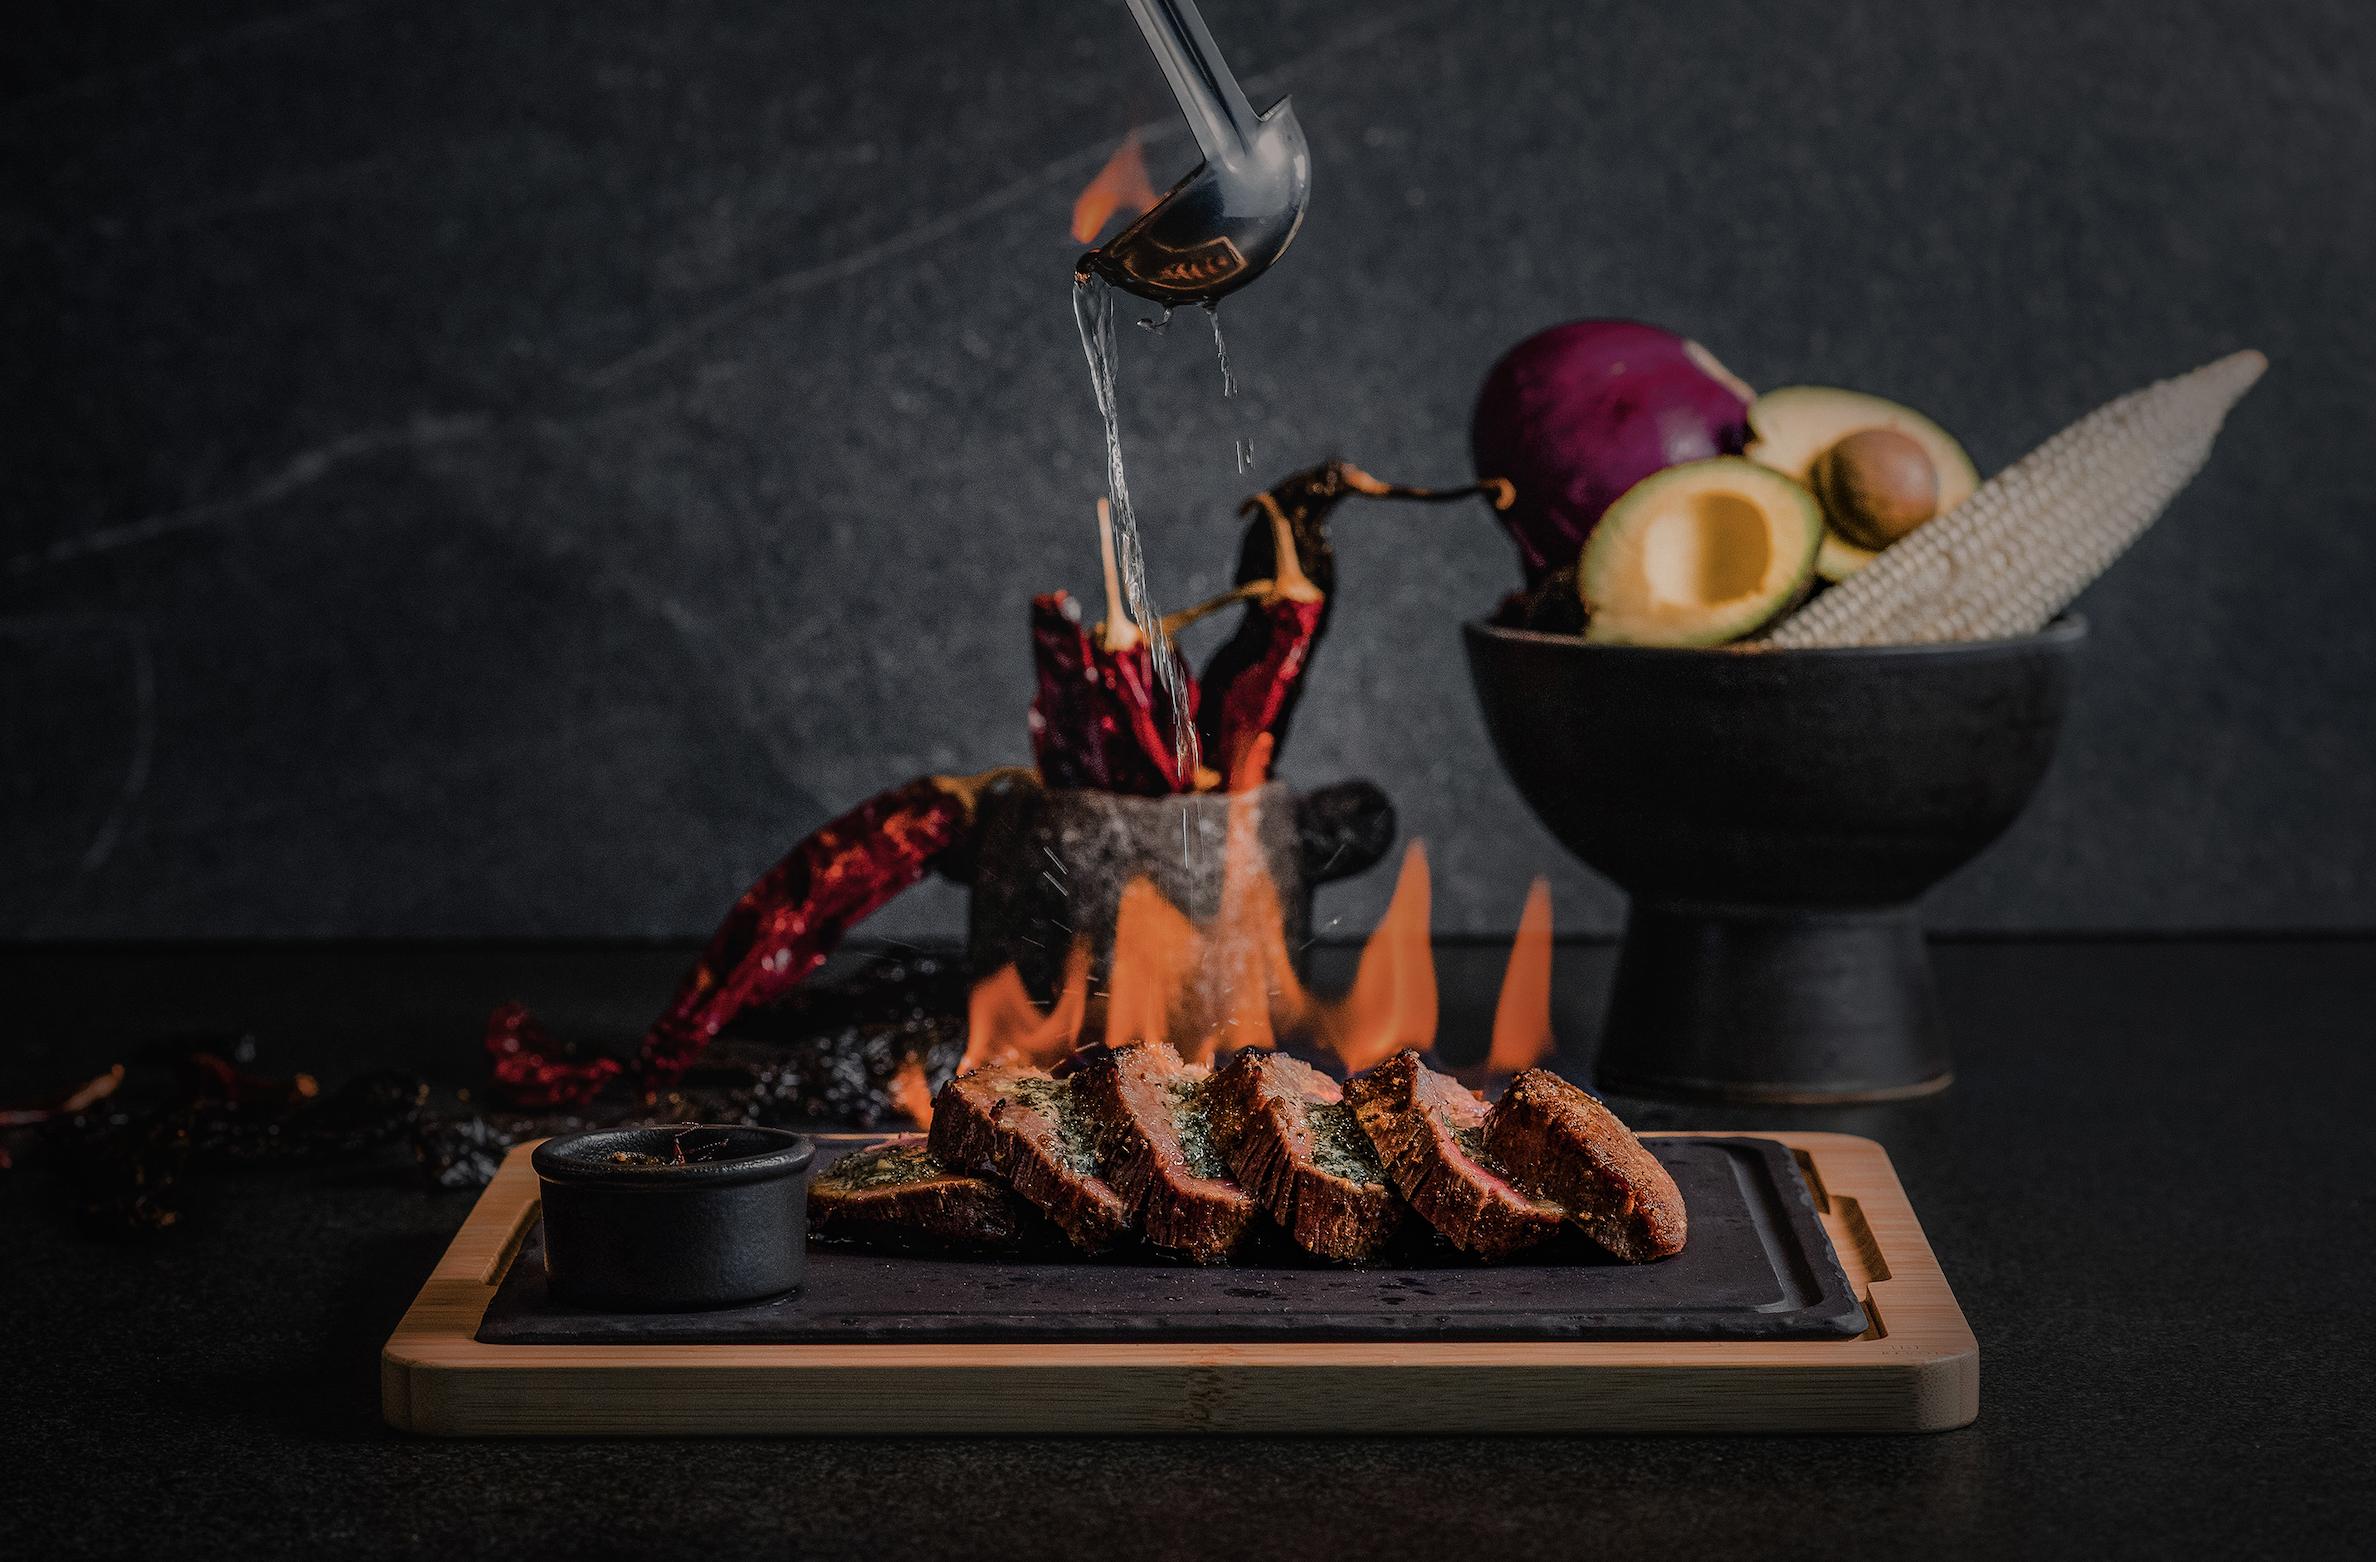 Macario y Nicoletta, inolvidable arte culinario en Tulum